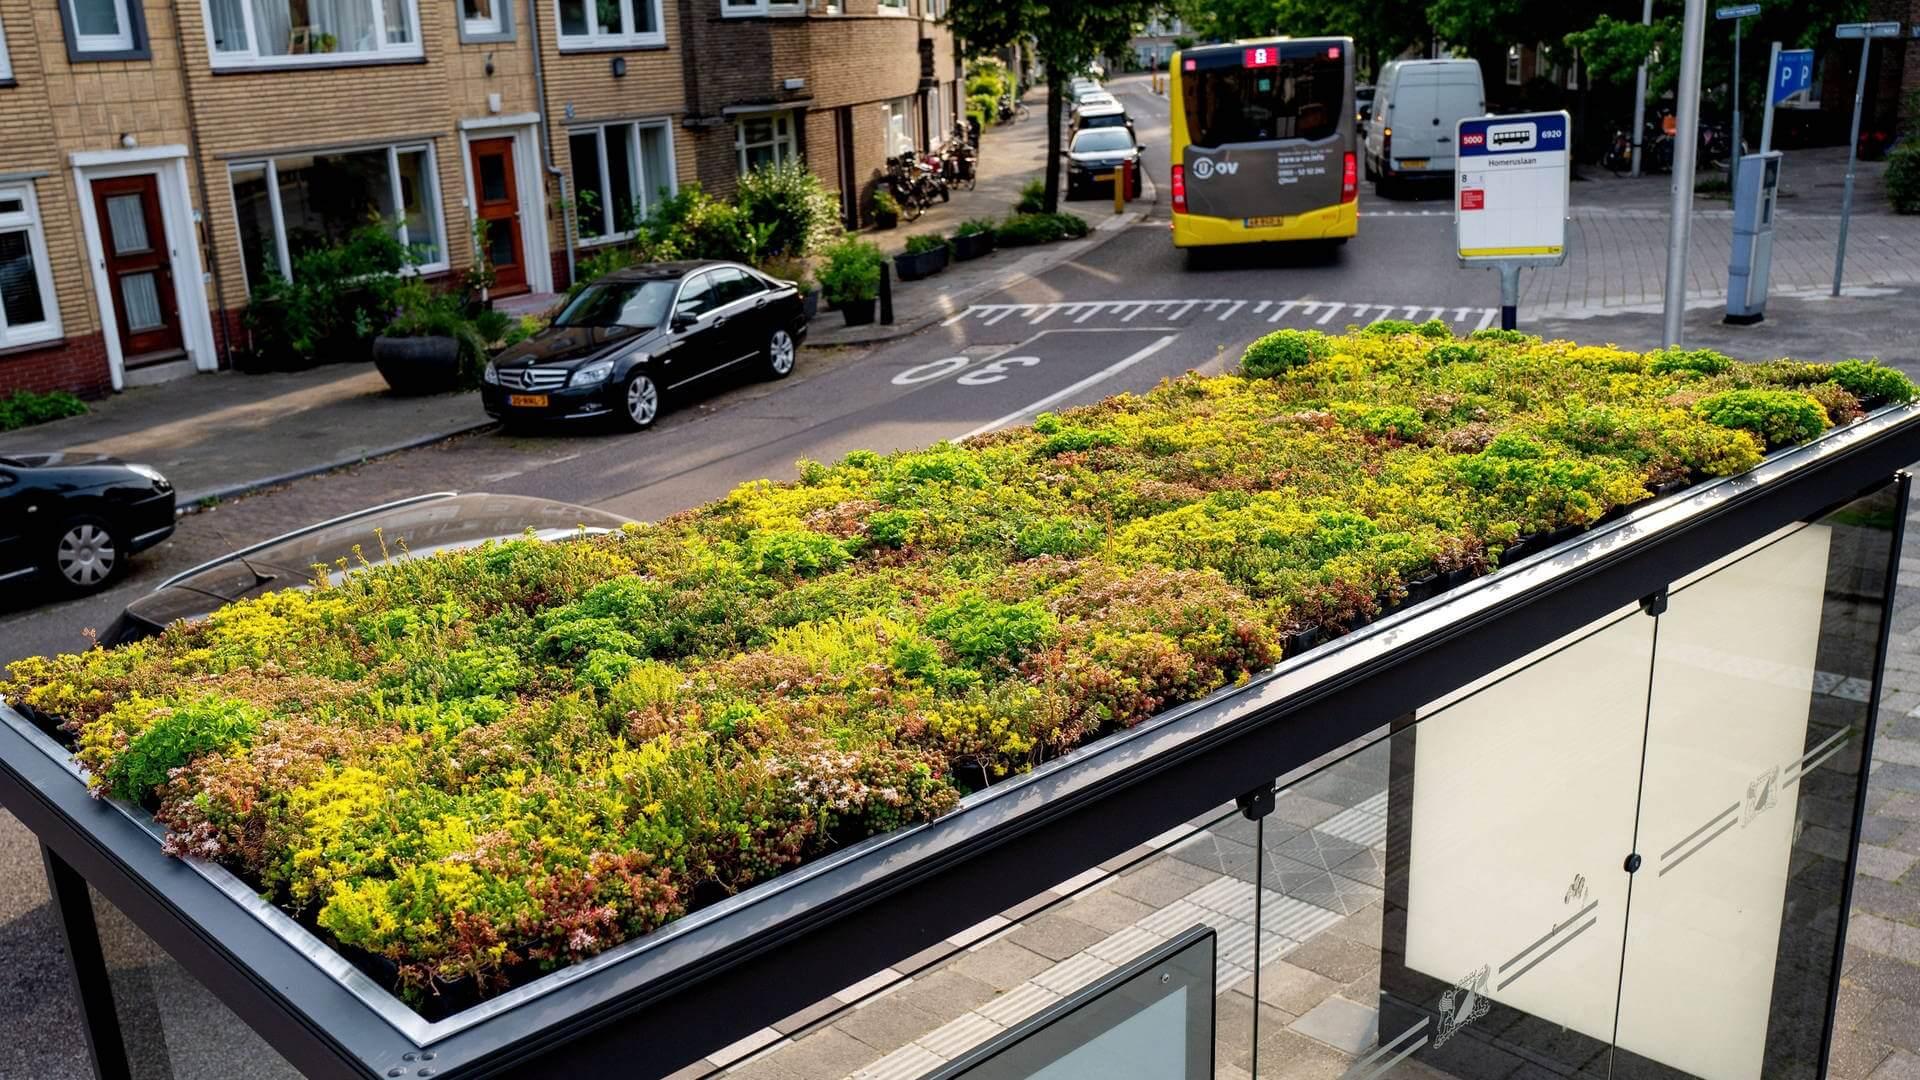 Antrag: Grüne Dächer in öffentlichen Bereichen